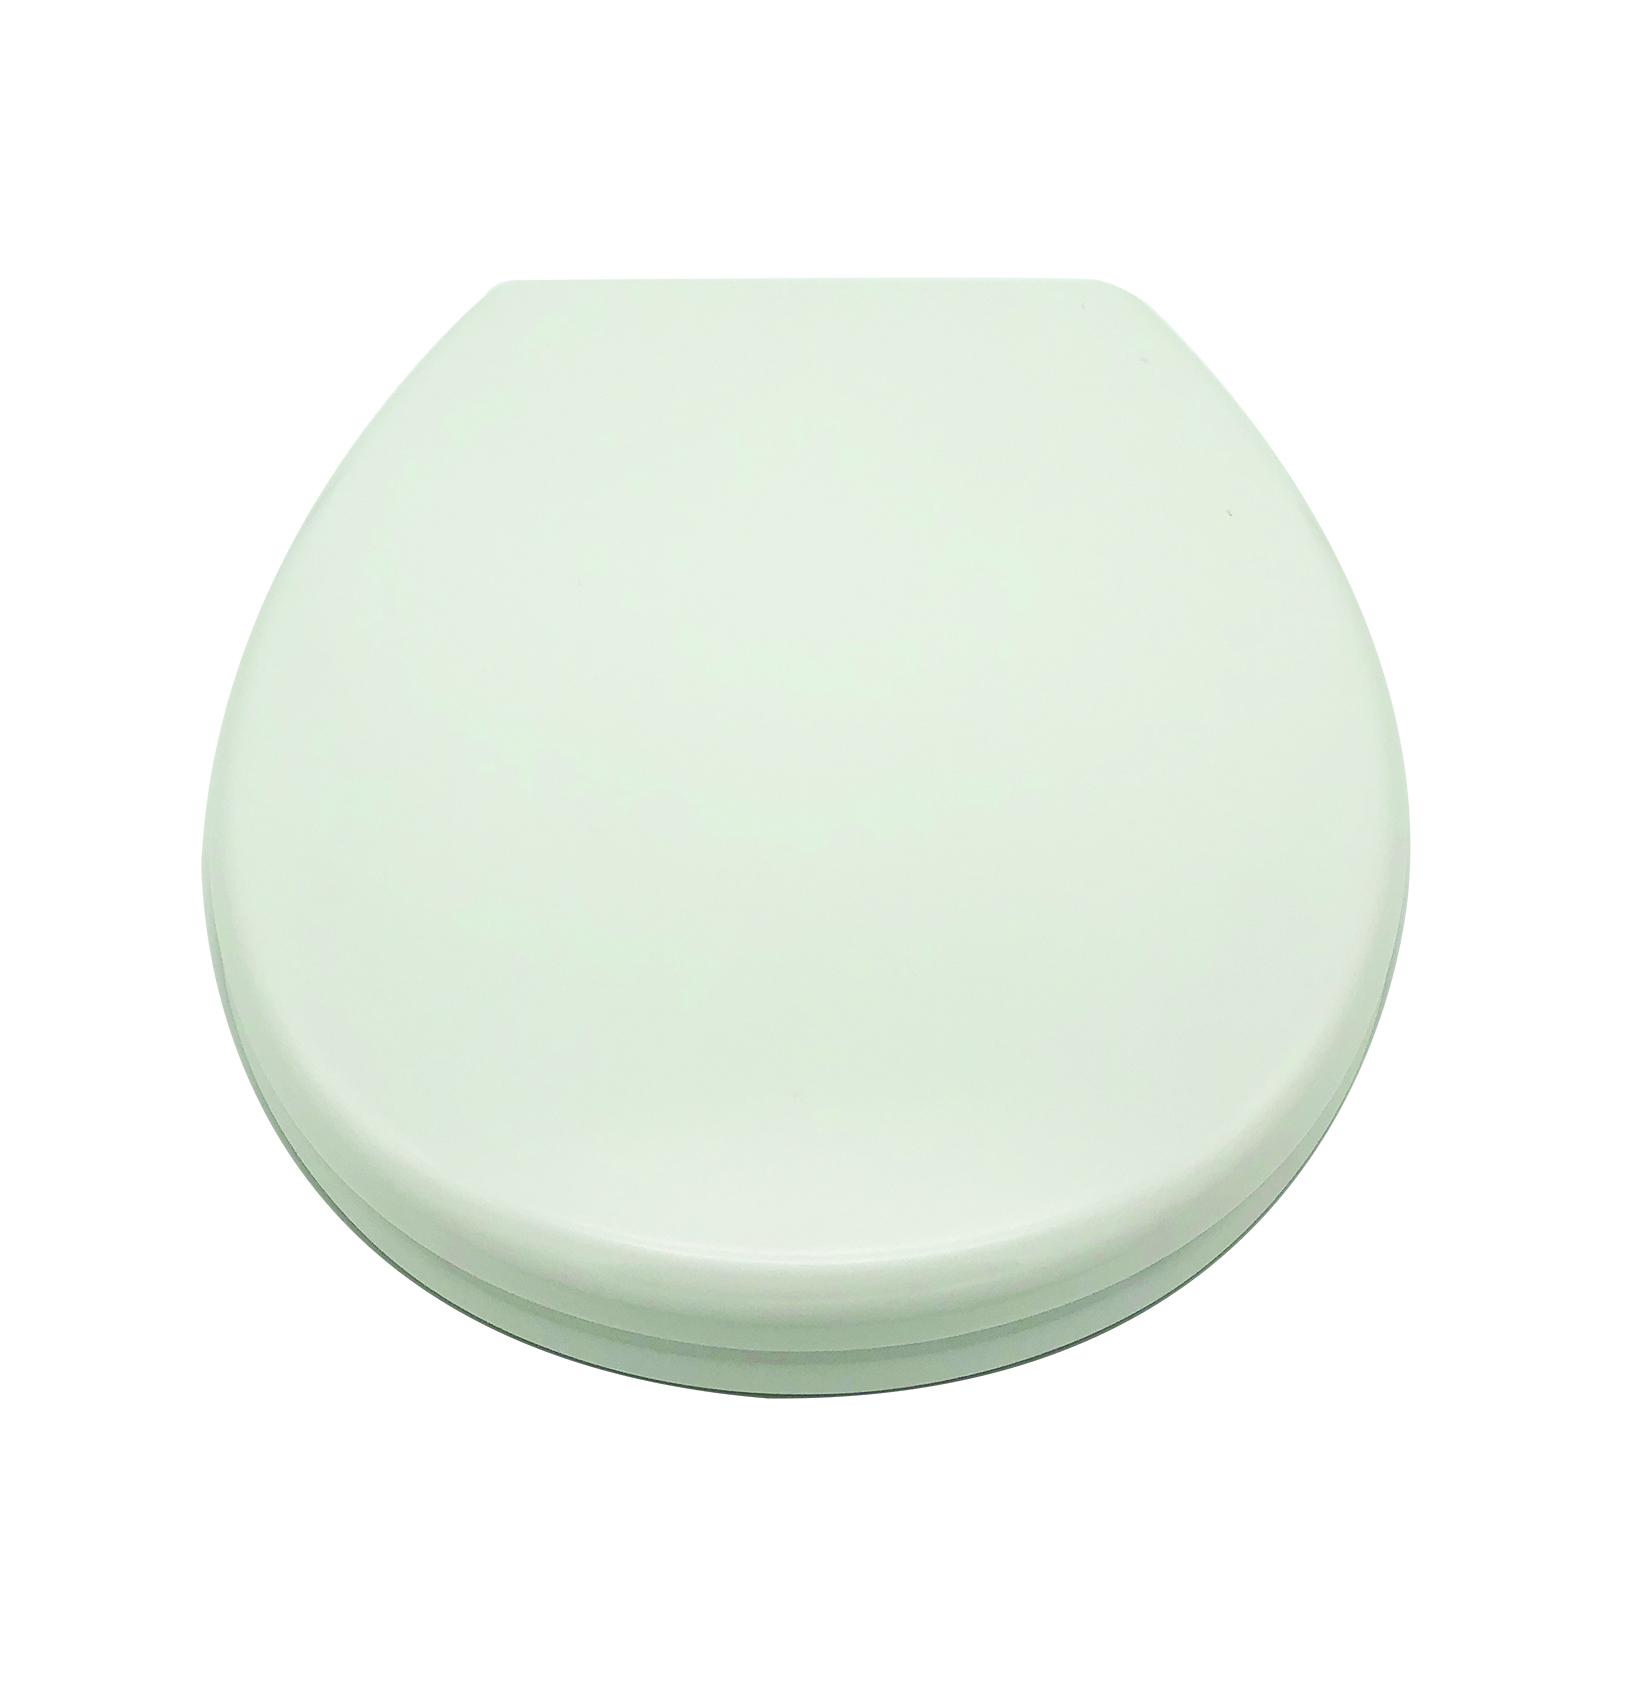 מושב אסלה לבן נשלף (yf10) - טורנדו